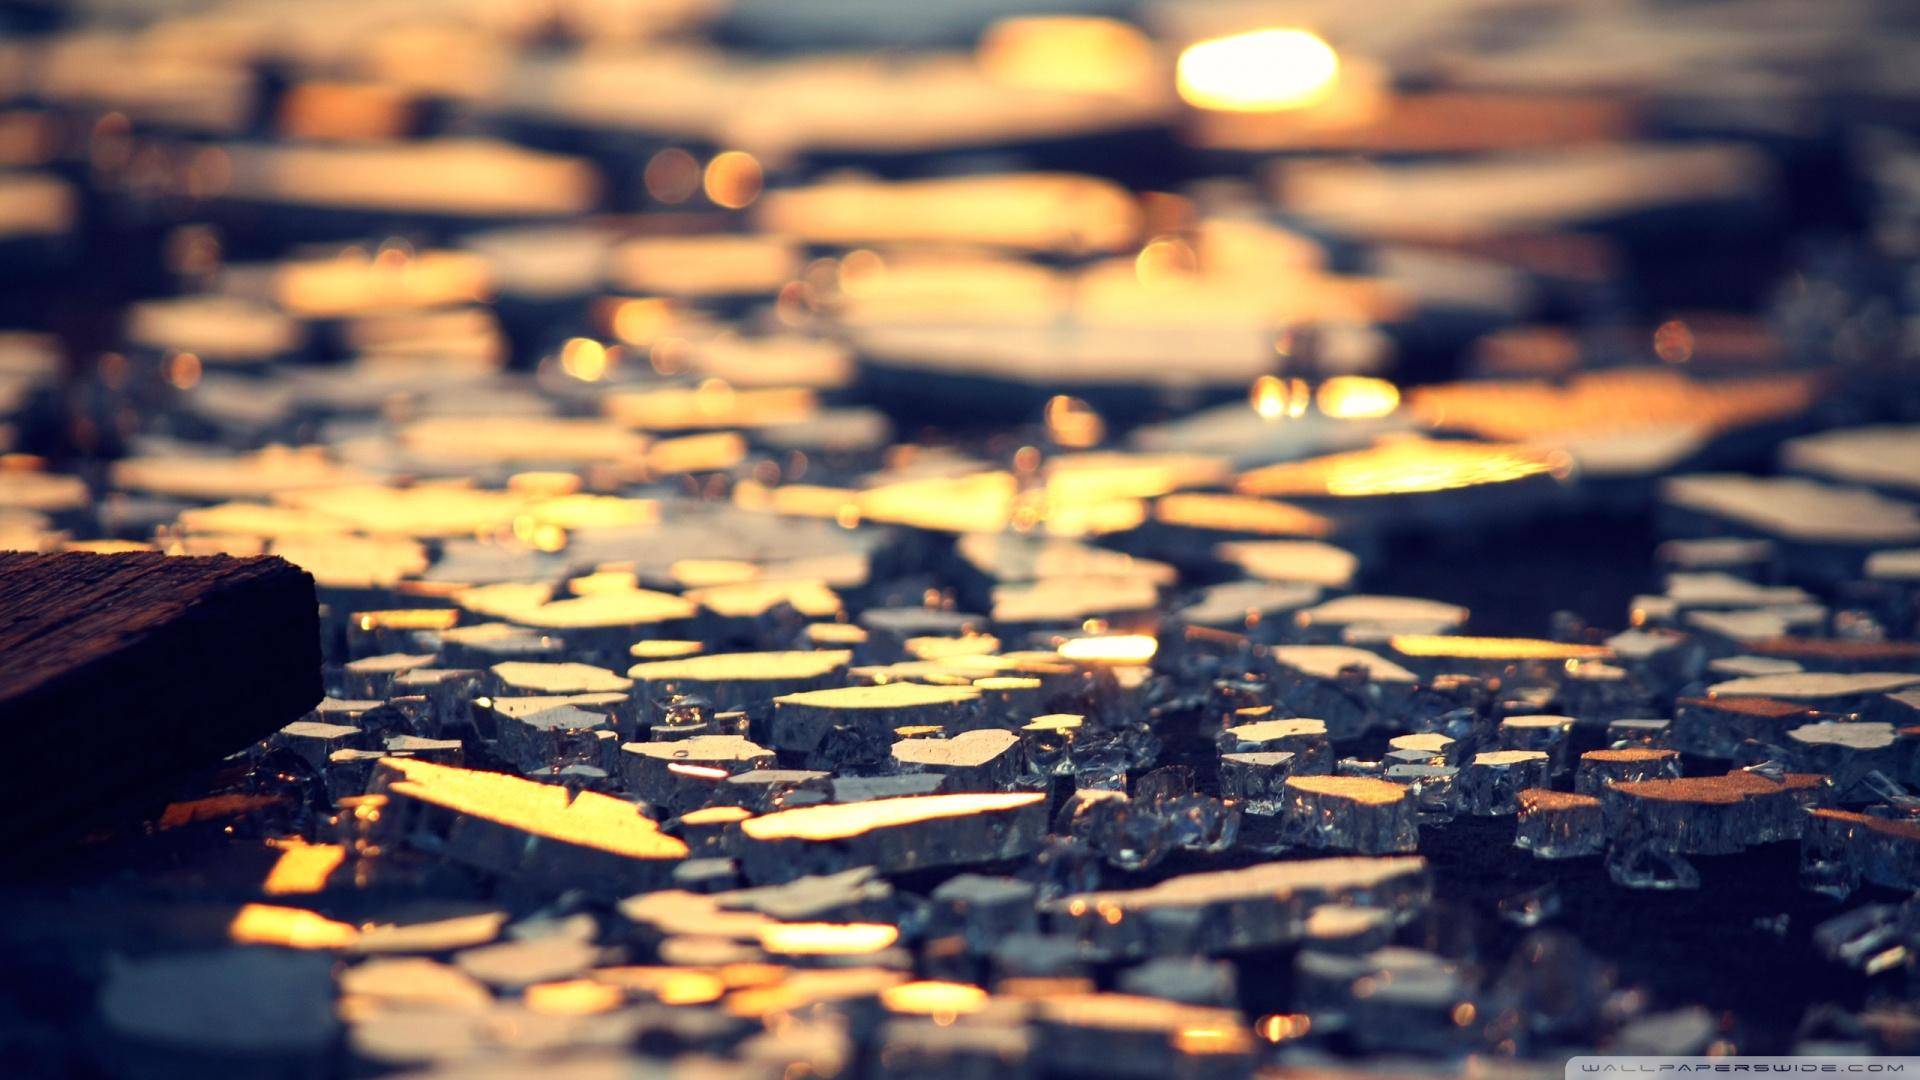 Related Pictures broken glass wallpaper broken glass wallpaper 1920x1080